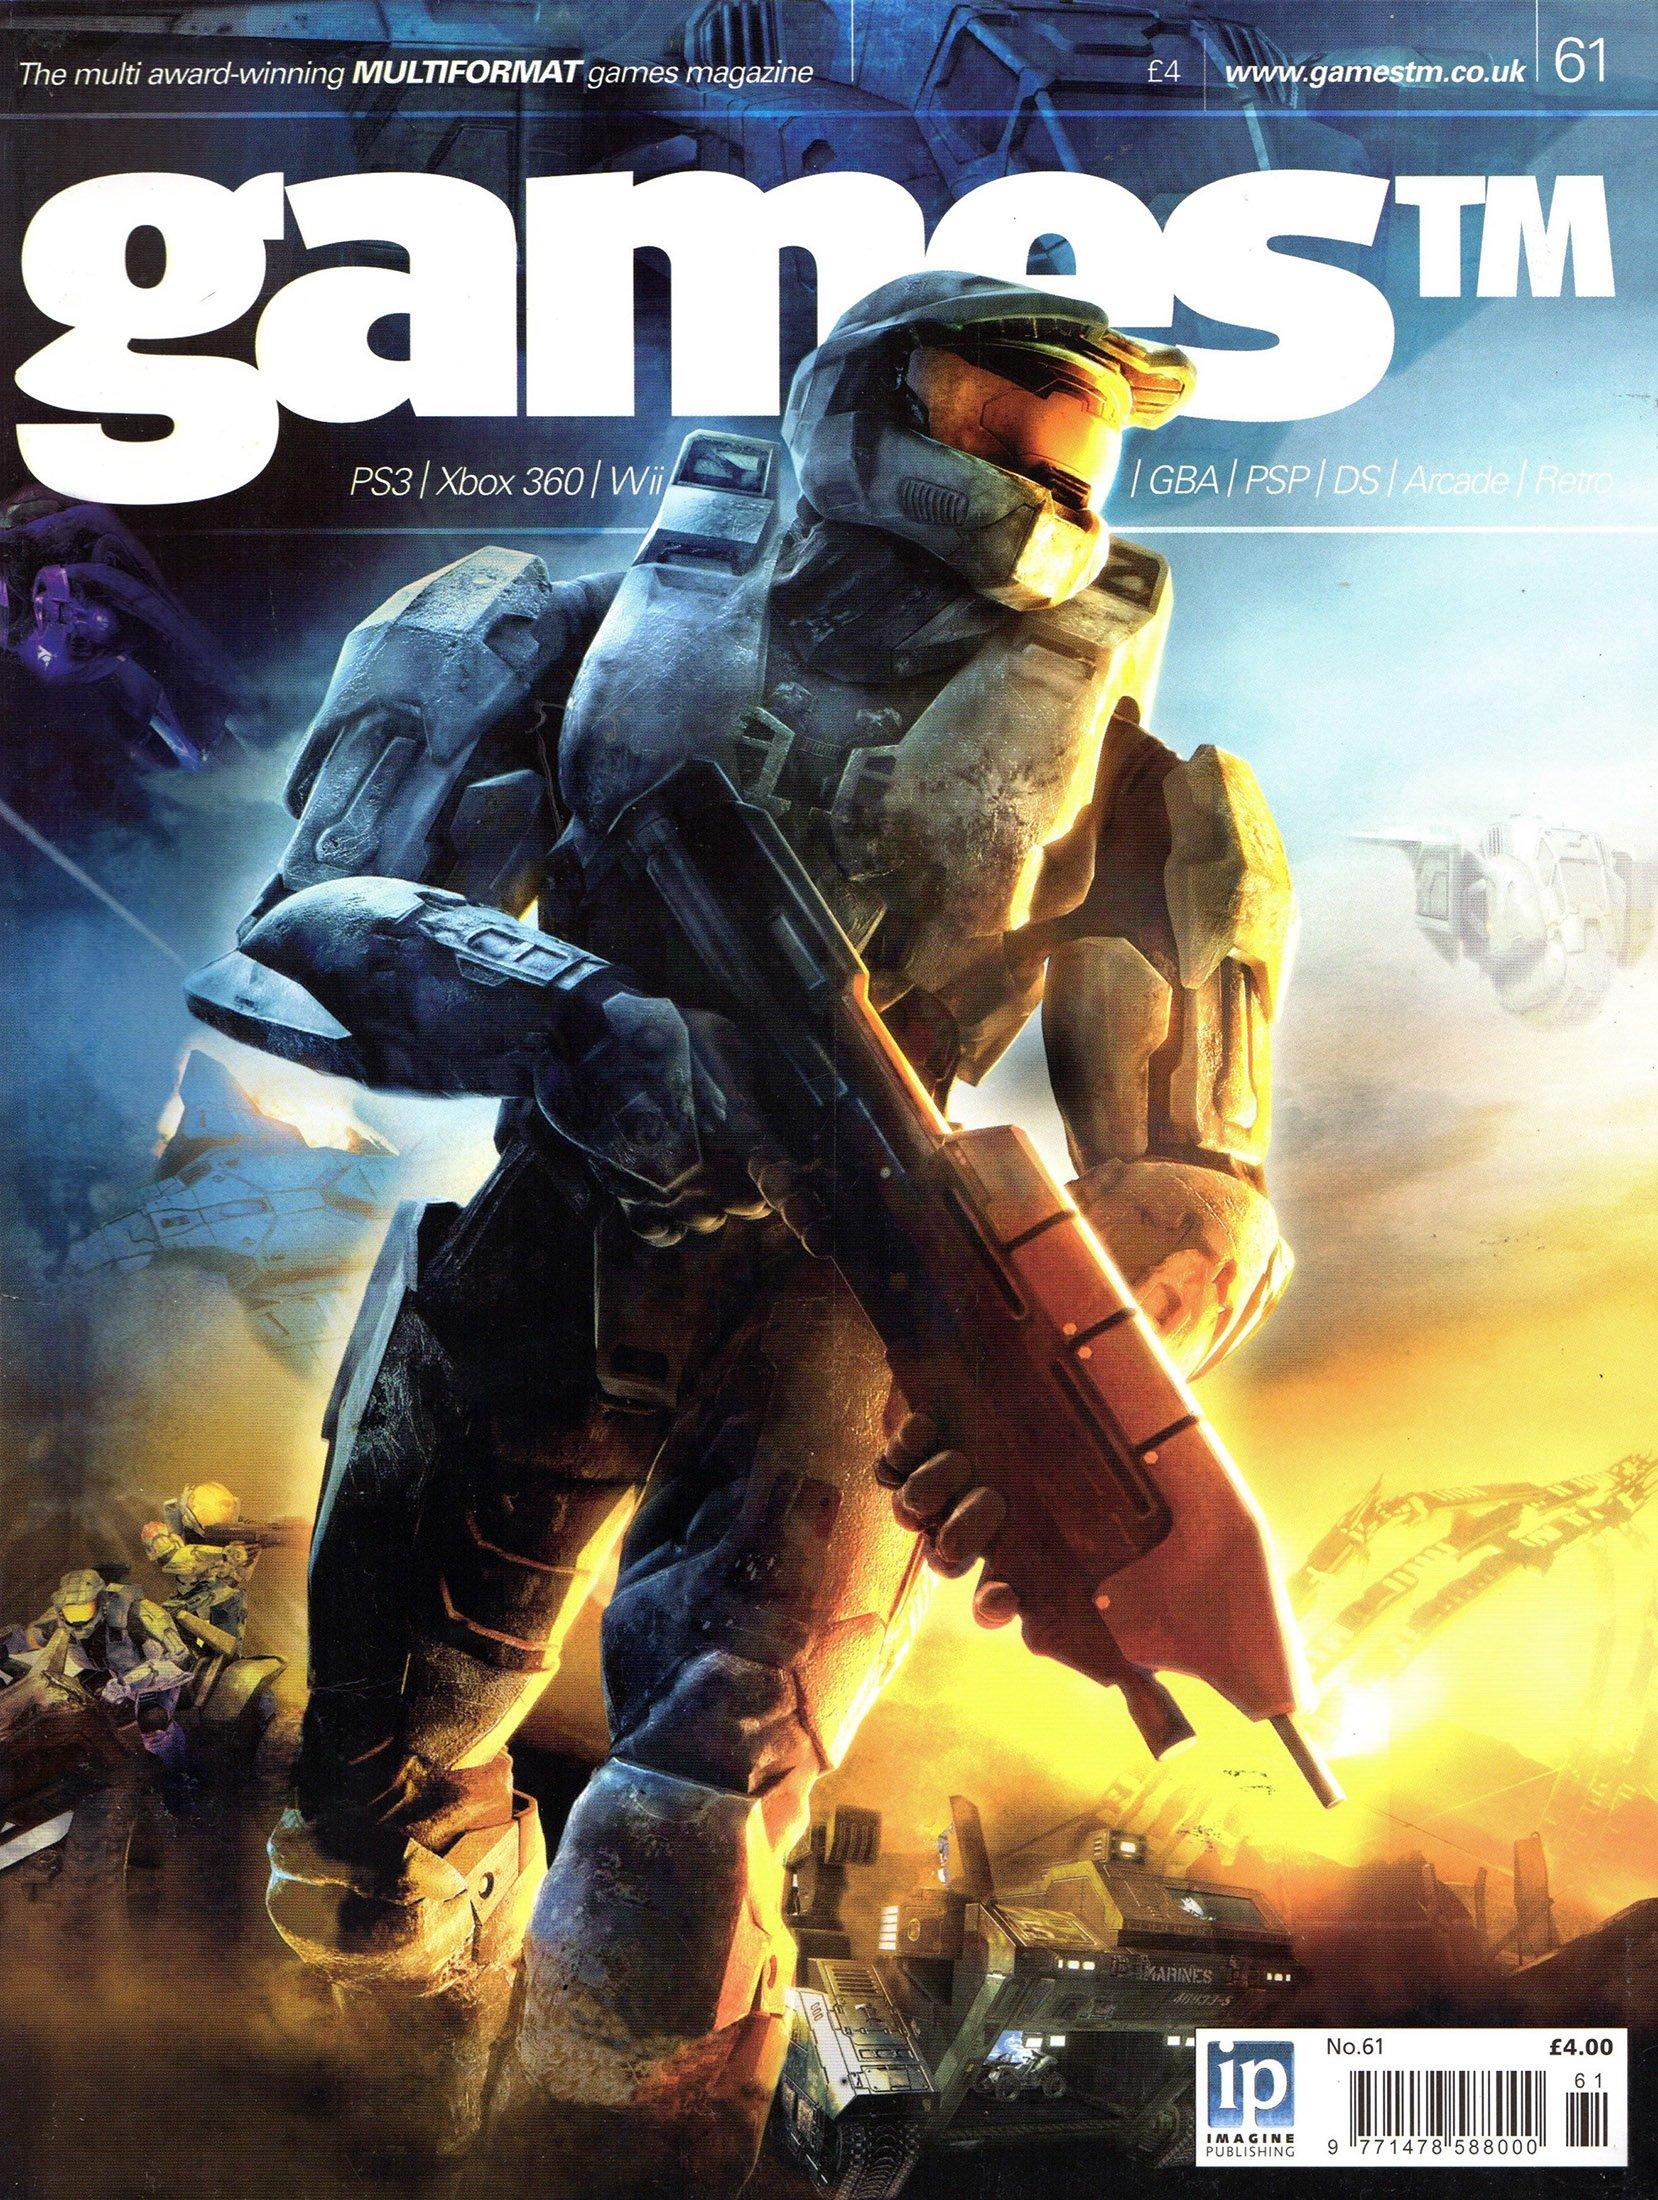 Games TM Issue 061 (September 2007)